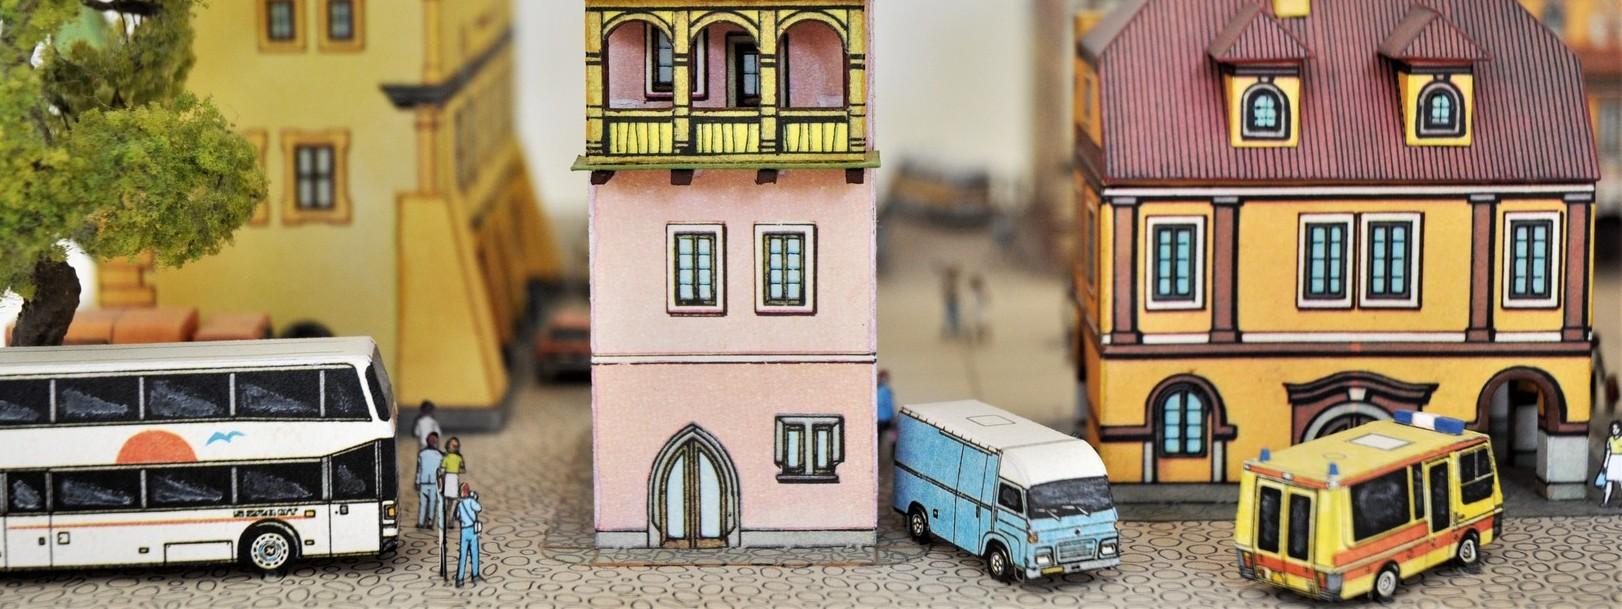 Muzeum papírových modelů 01